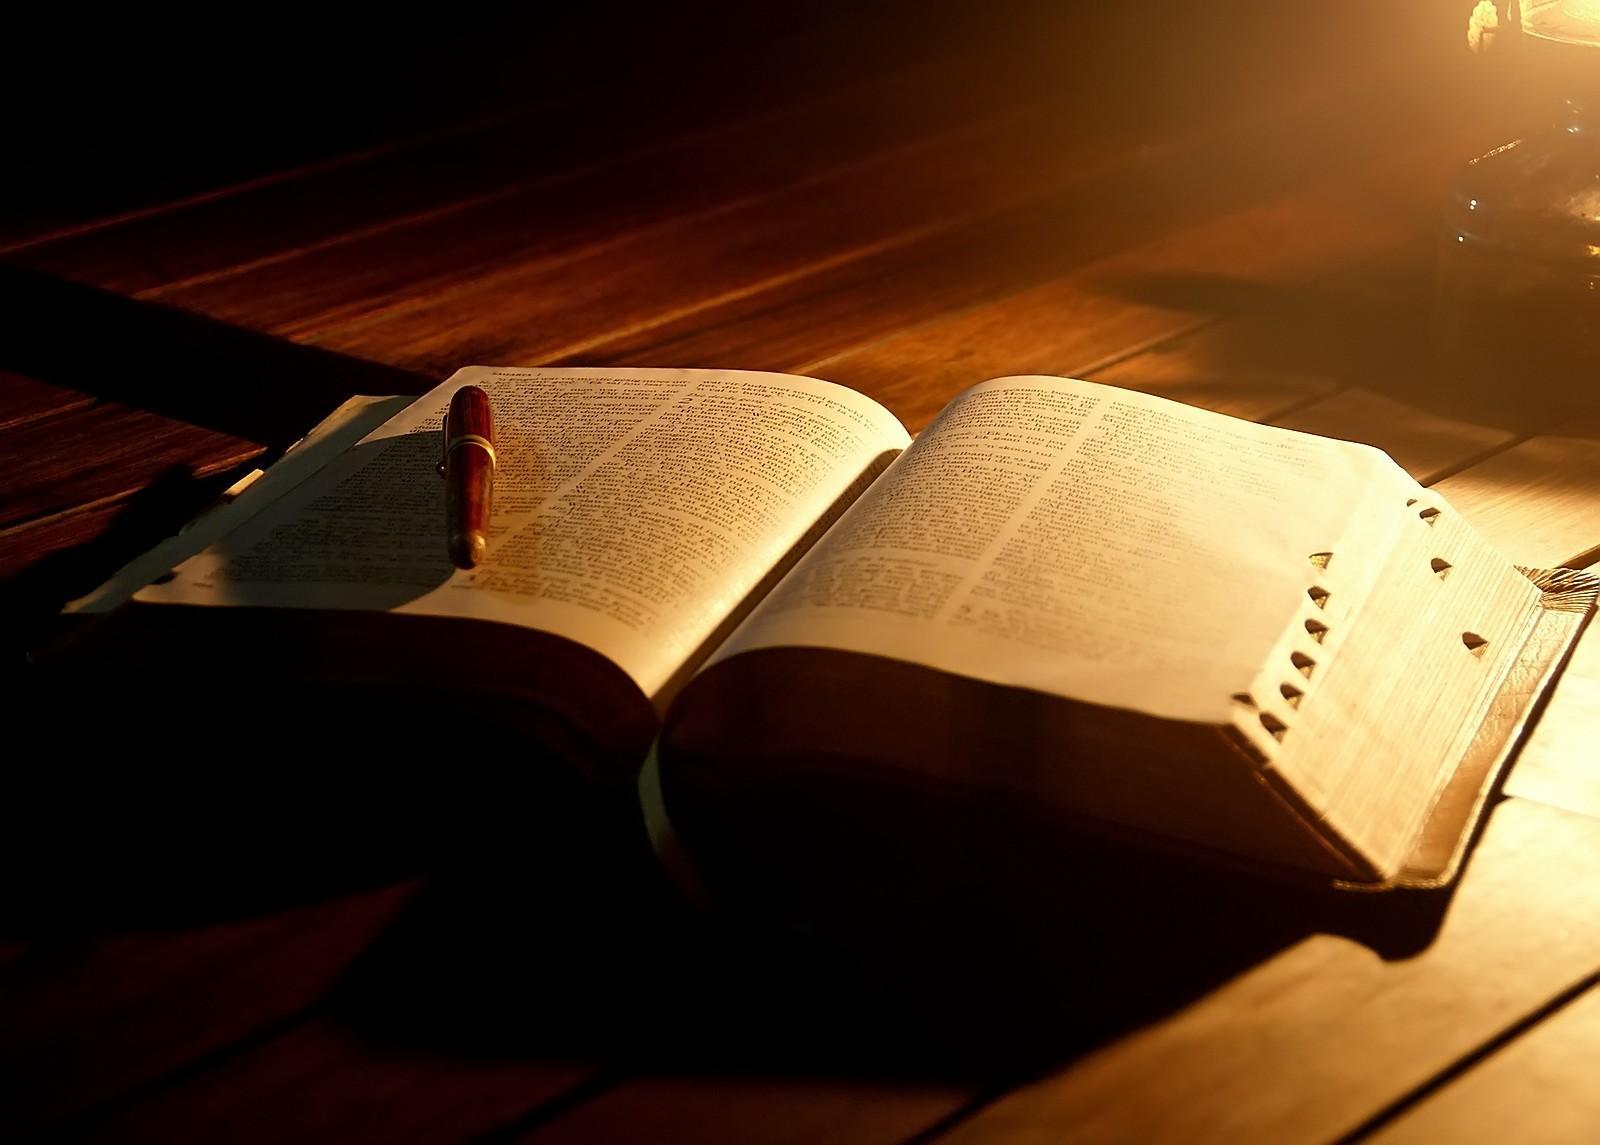 BIBLIOLOGIA: DOUTRINA DA BÍBLIA DE FORMA SIMPLES E CLARA. [Cursos de Teologia online]